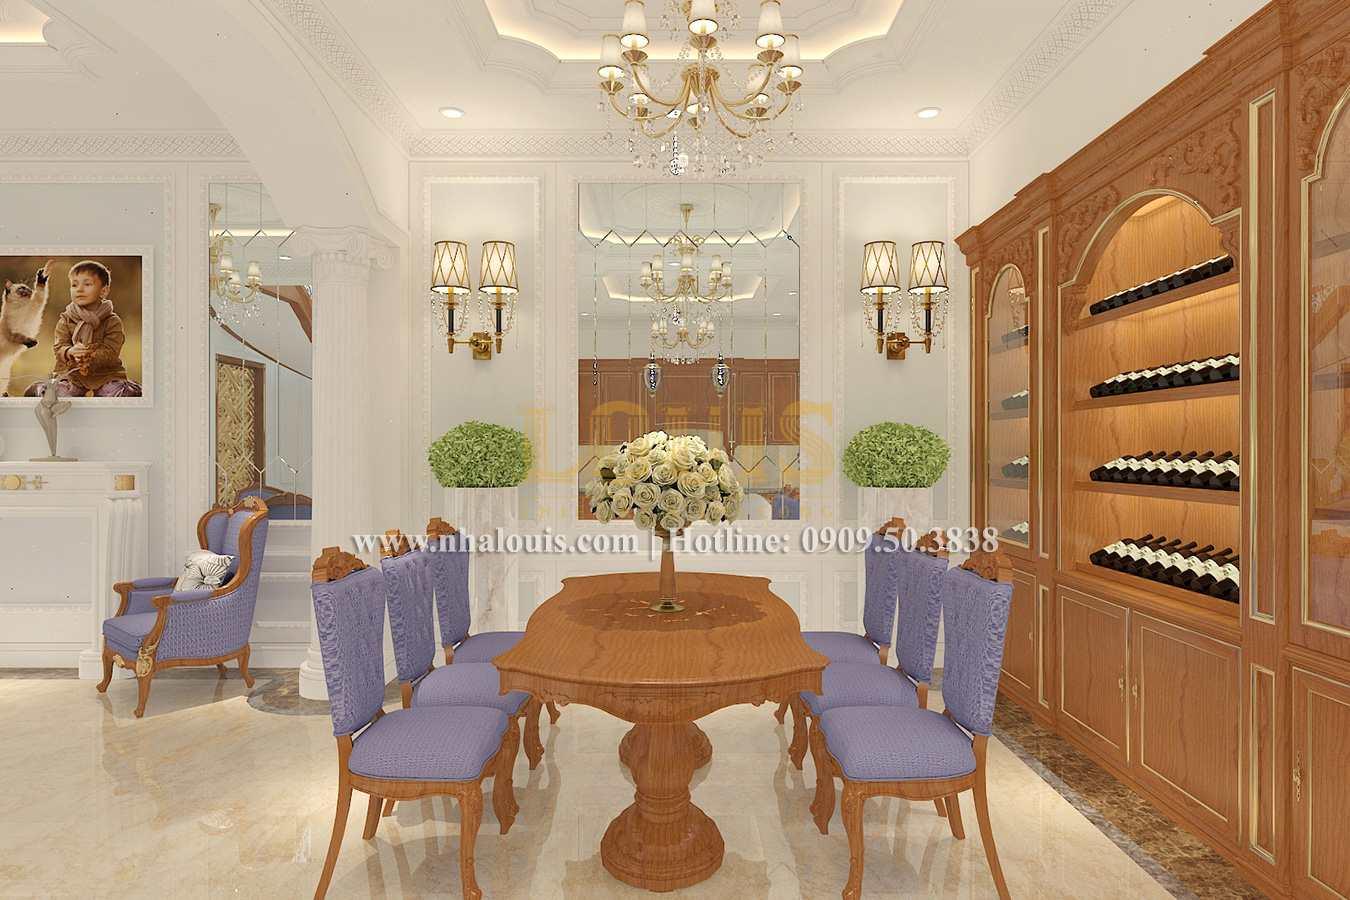 Bếp và phòng ăn Biệt thự phong cách cổ điển châu Âu tại Bến Tre chuẩn đẳng cấp - 06